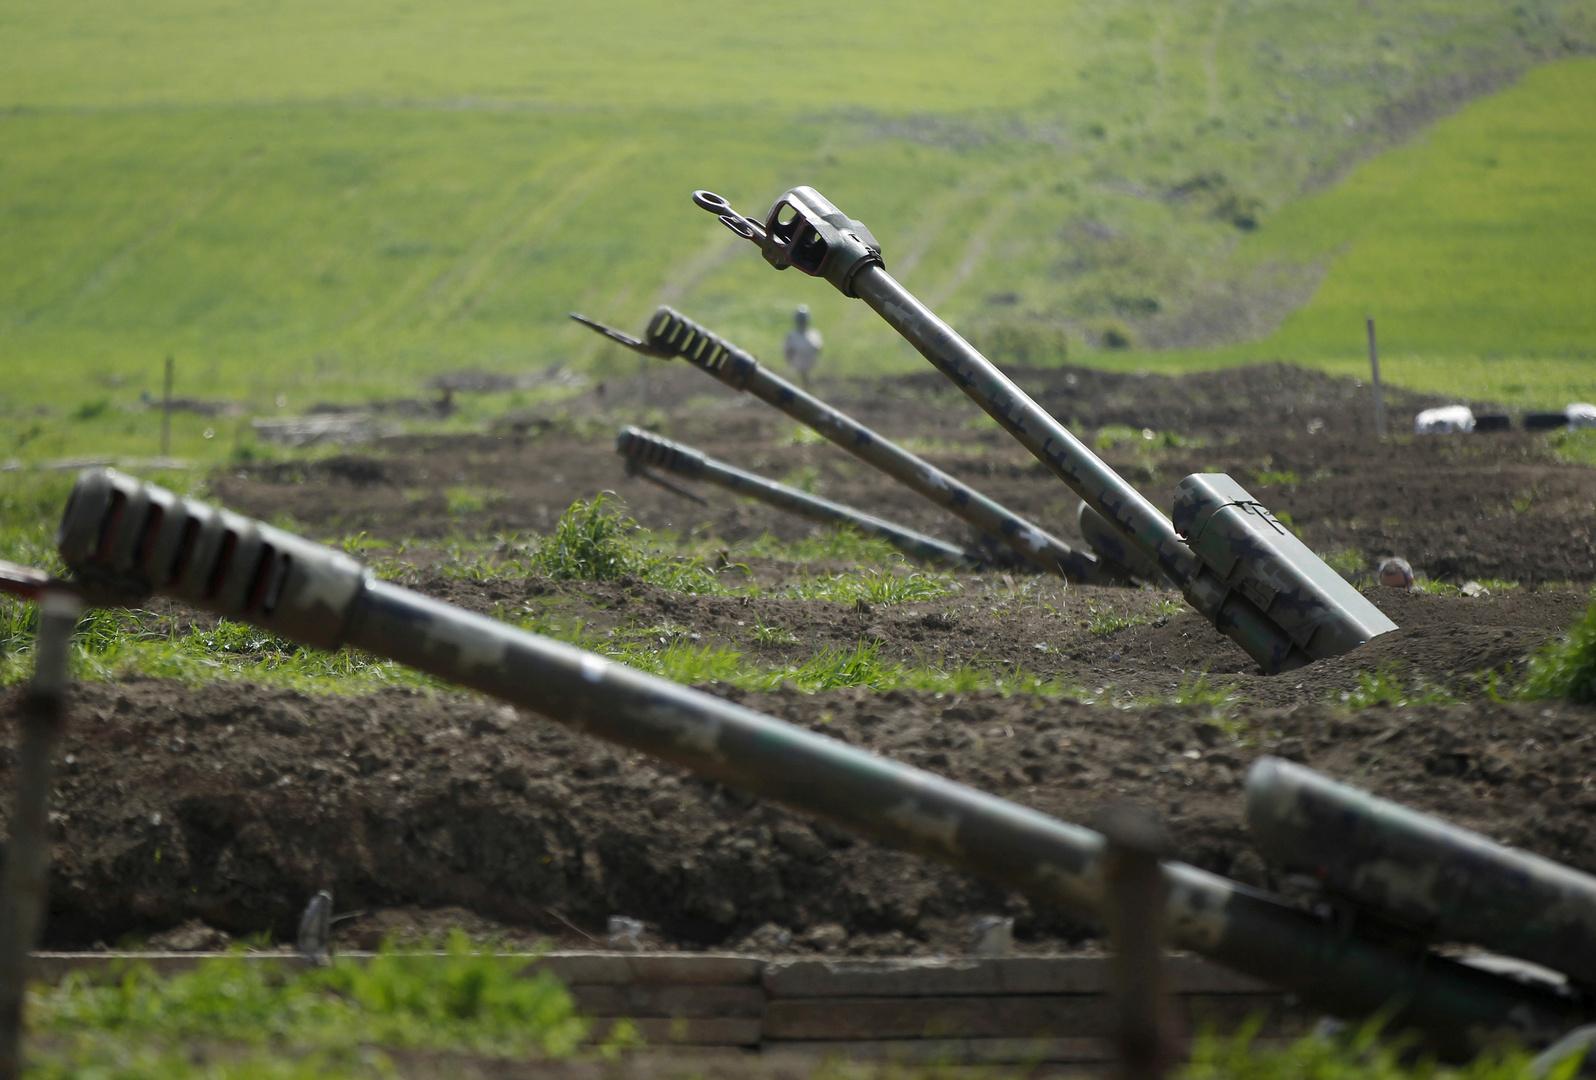 أذربيجان تعلن عن تدمير مقاتلة أرمنية ويريفان تنفي